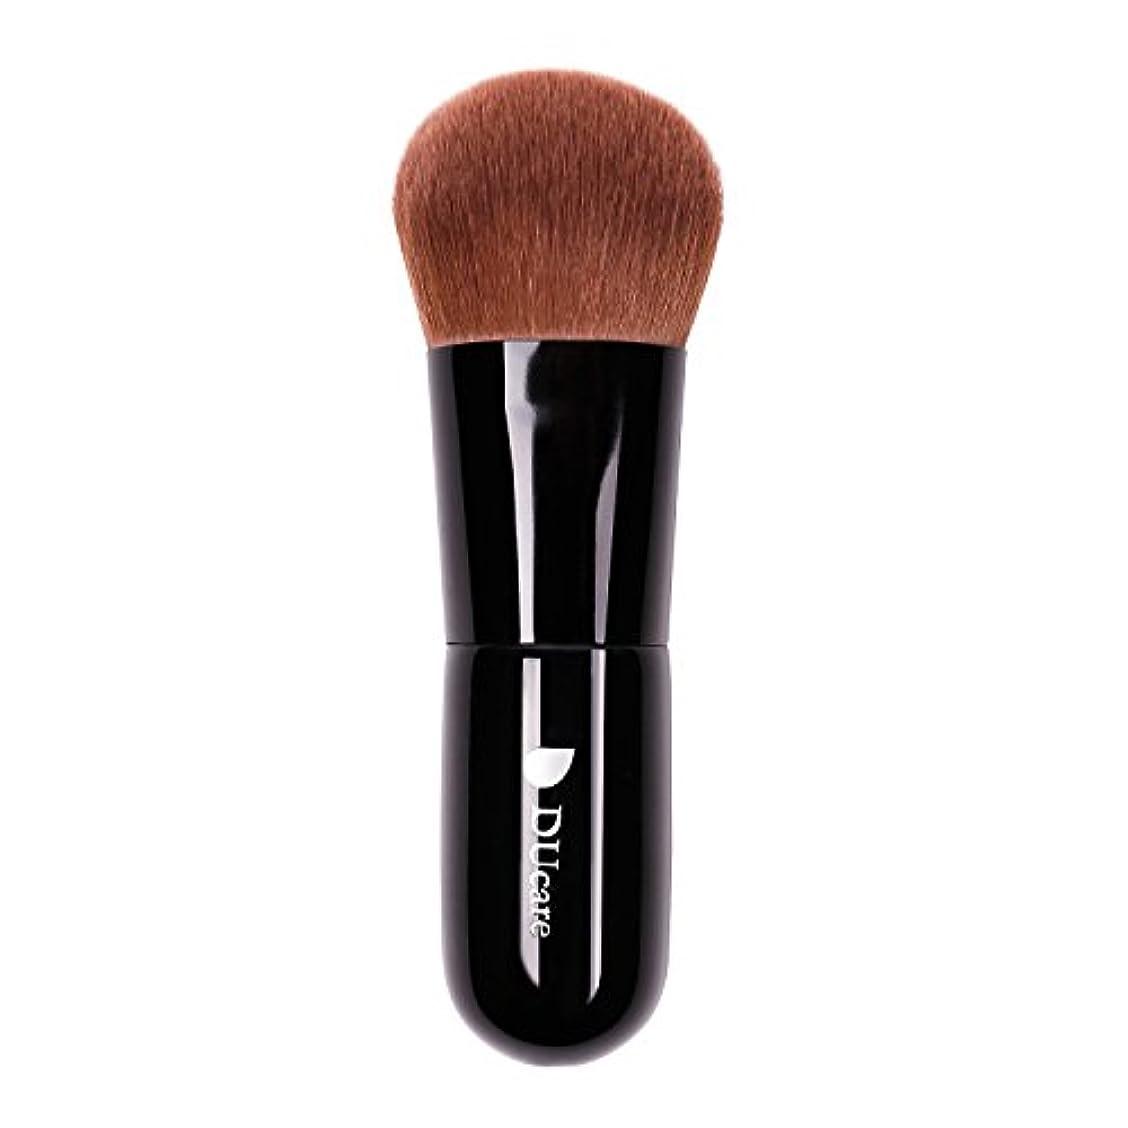 電球パス思いつくドゥケア(DUcare) 化粧筆 ファンデーションブラシ フェイスブラシ 最高級のタクロンを使用